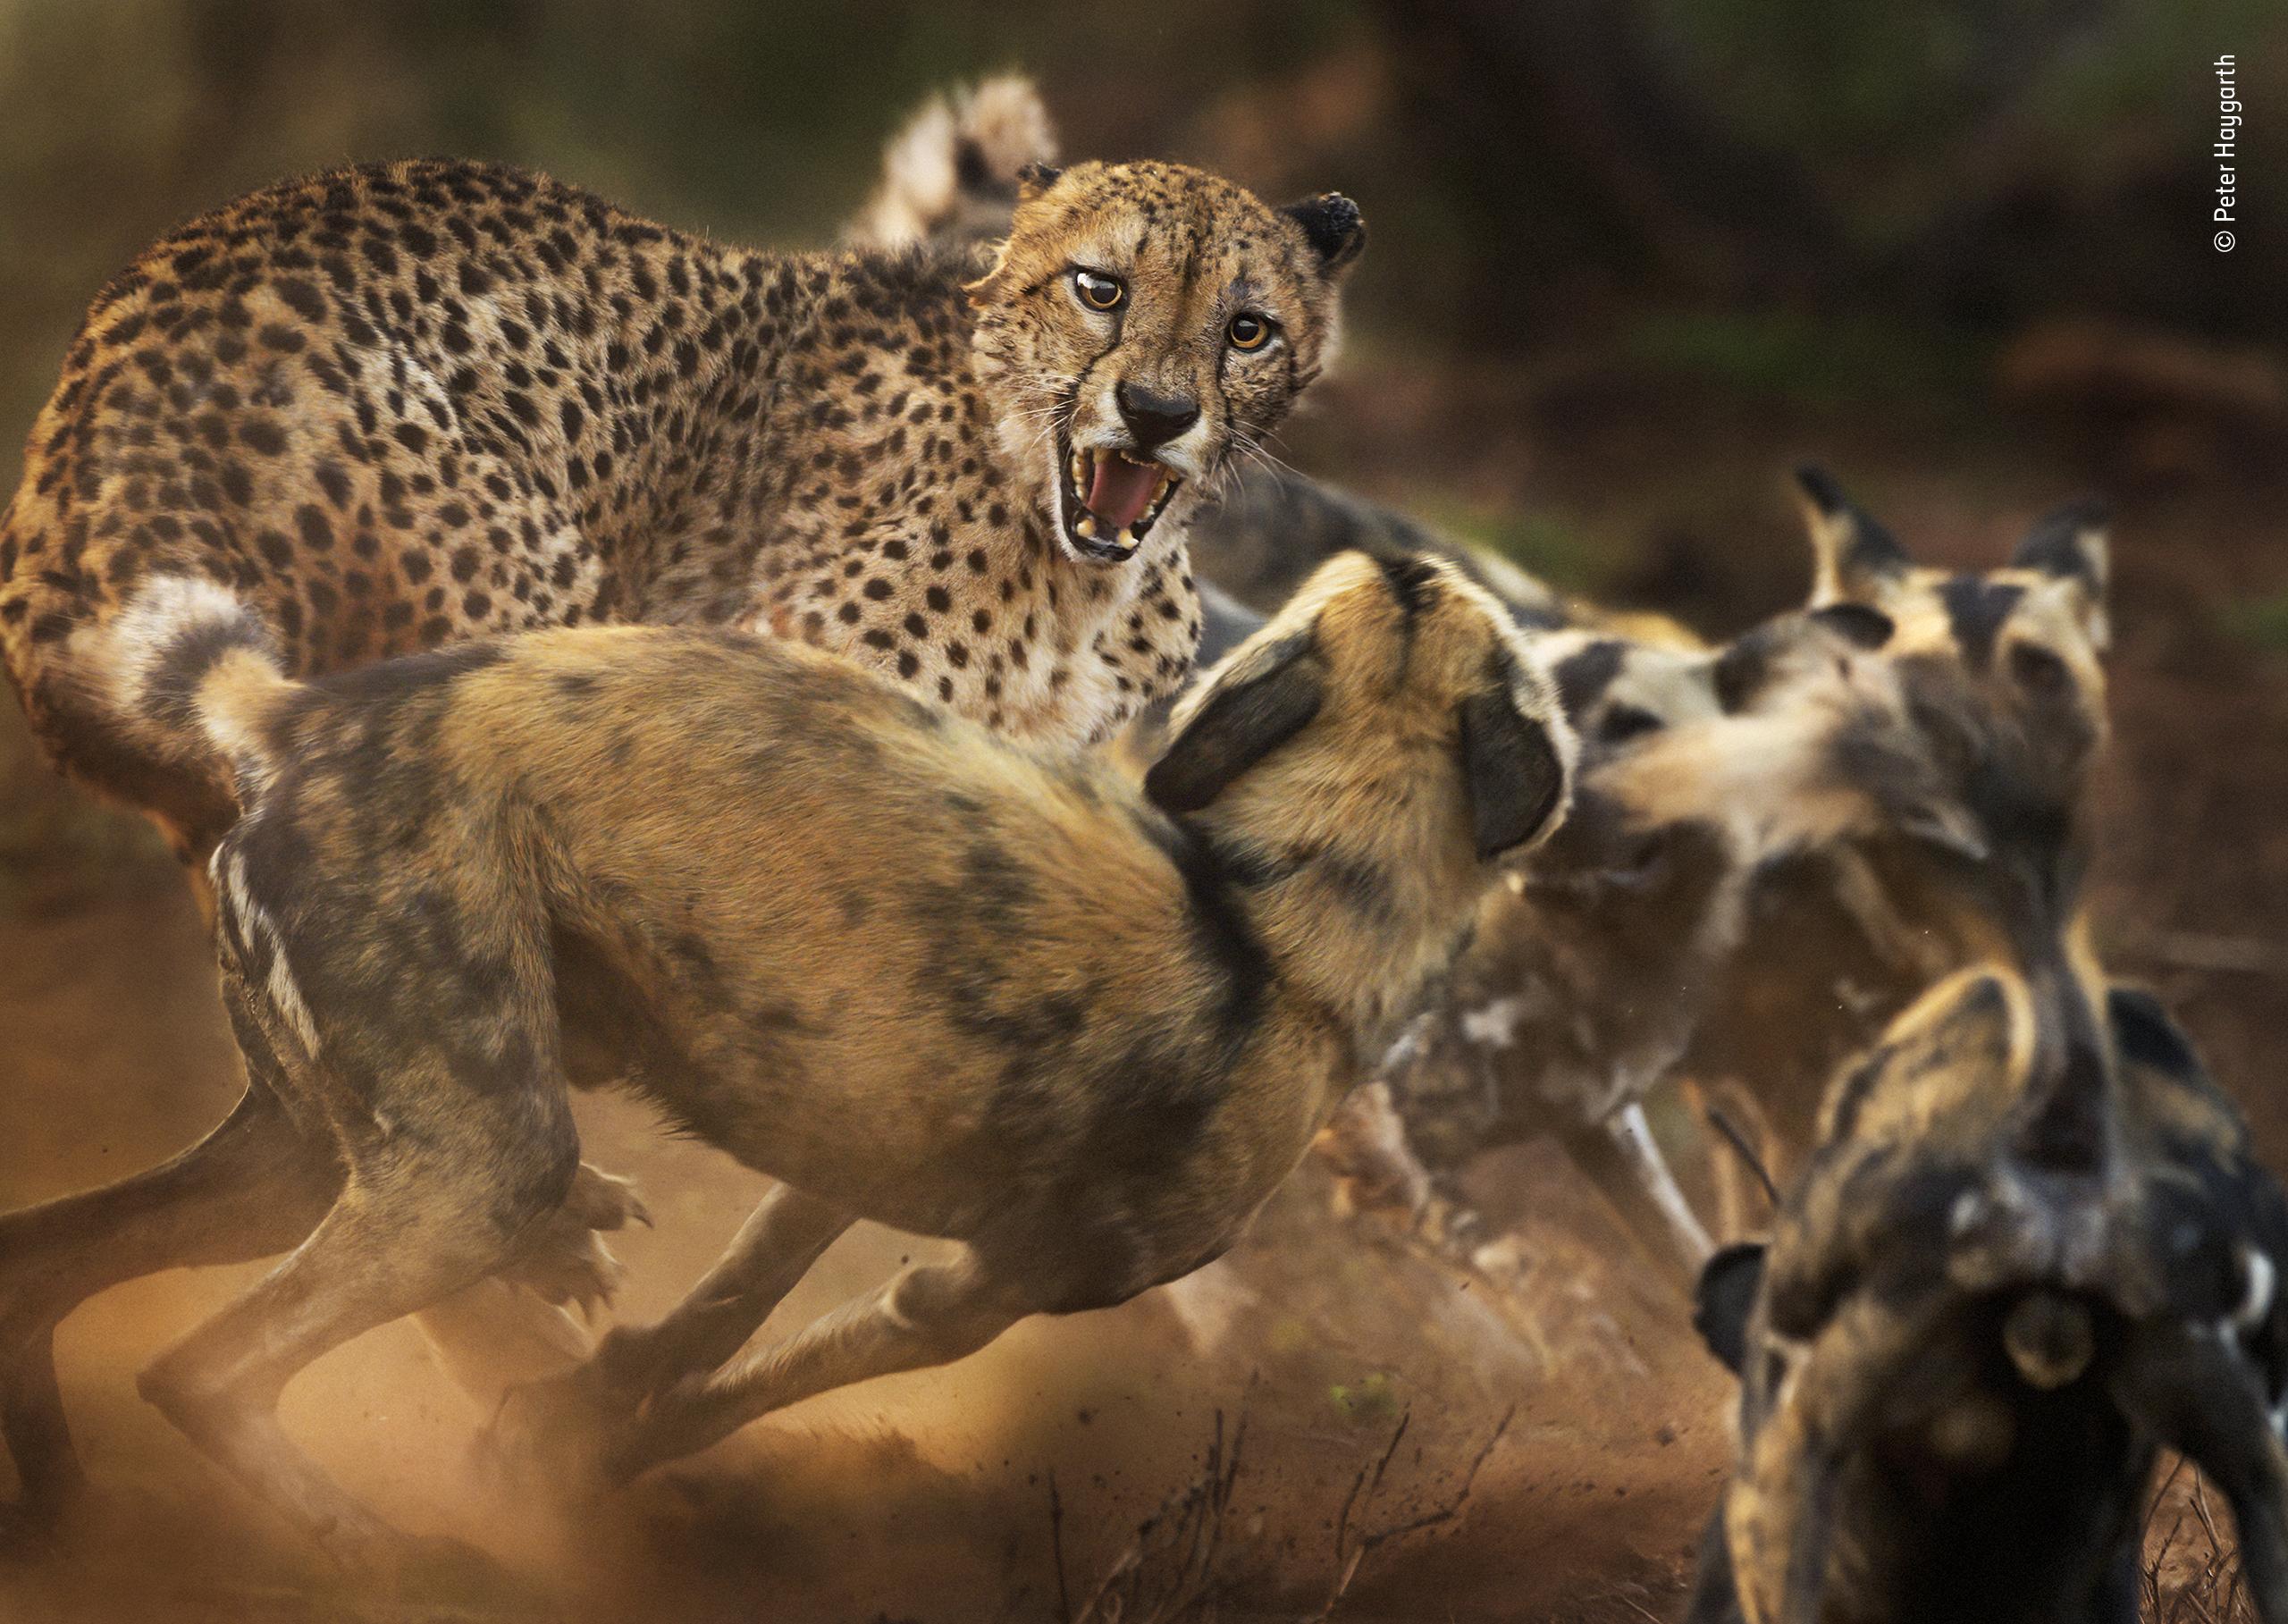 Peter Haygarth/Wildlife Photographer of the Year